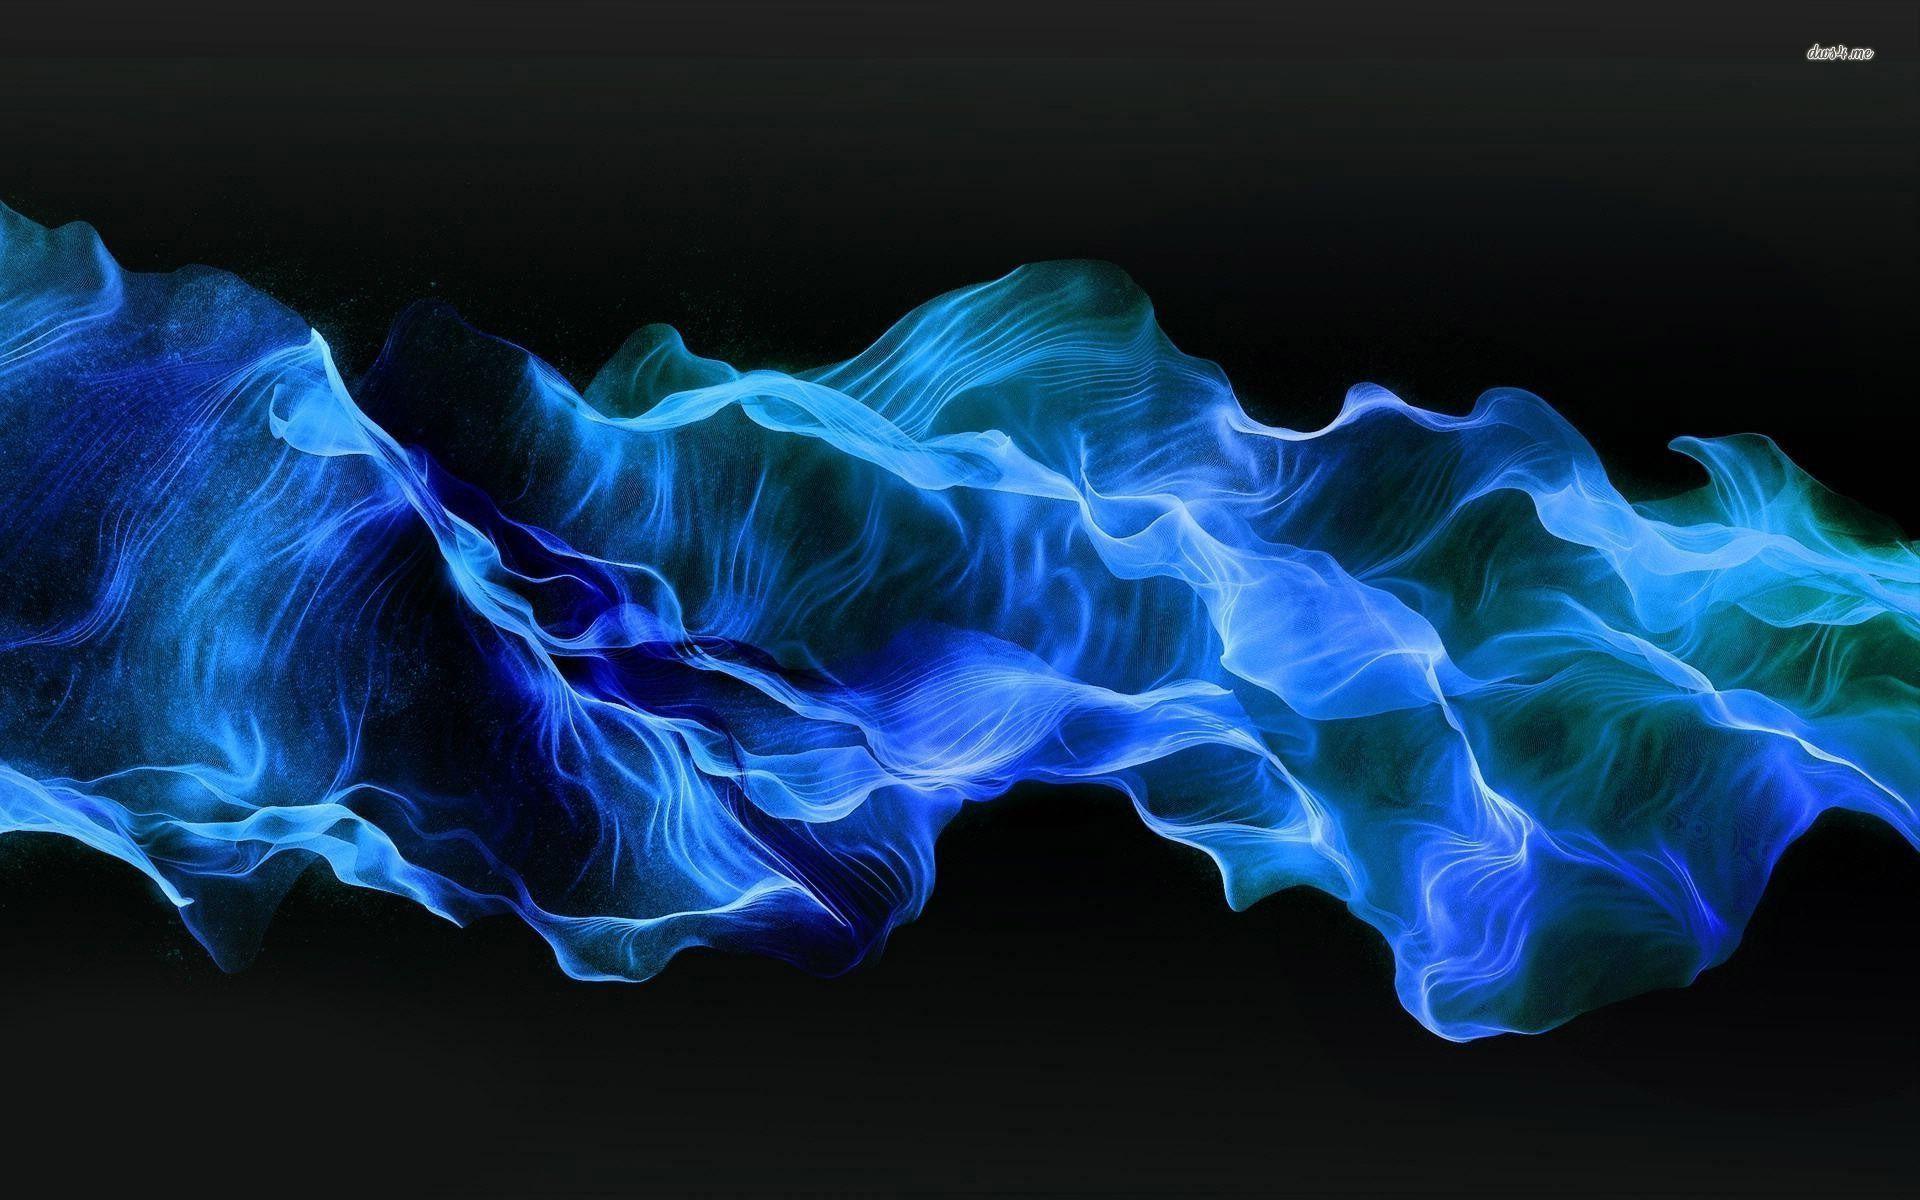 blue smoke wallpaper (66+ images)